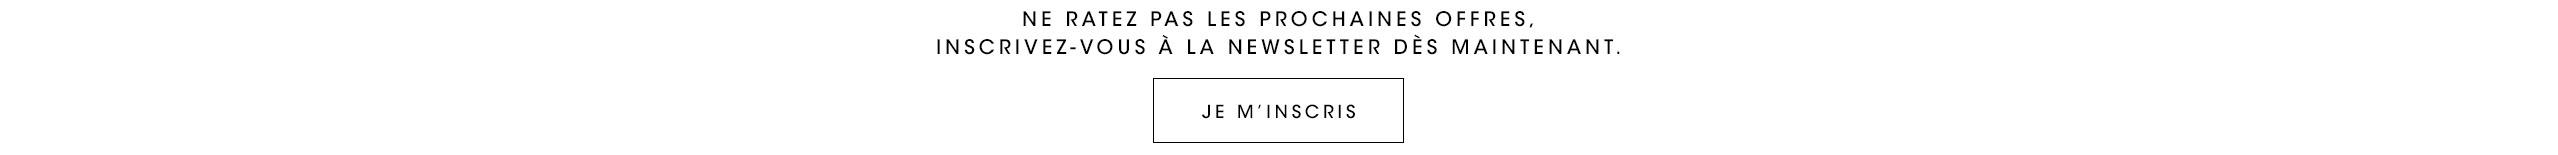 Inscrivez-vous à la newsletter pour accéder aux offres